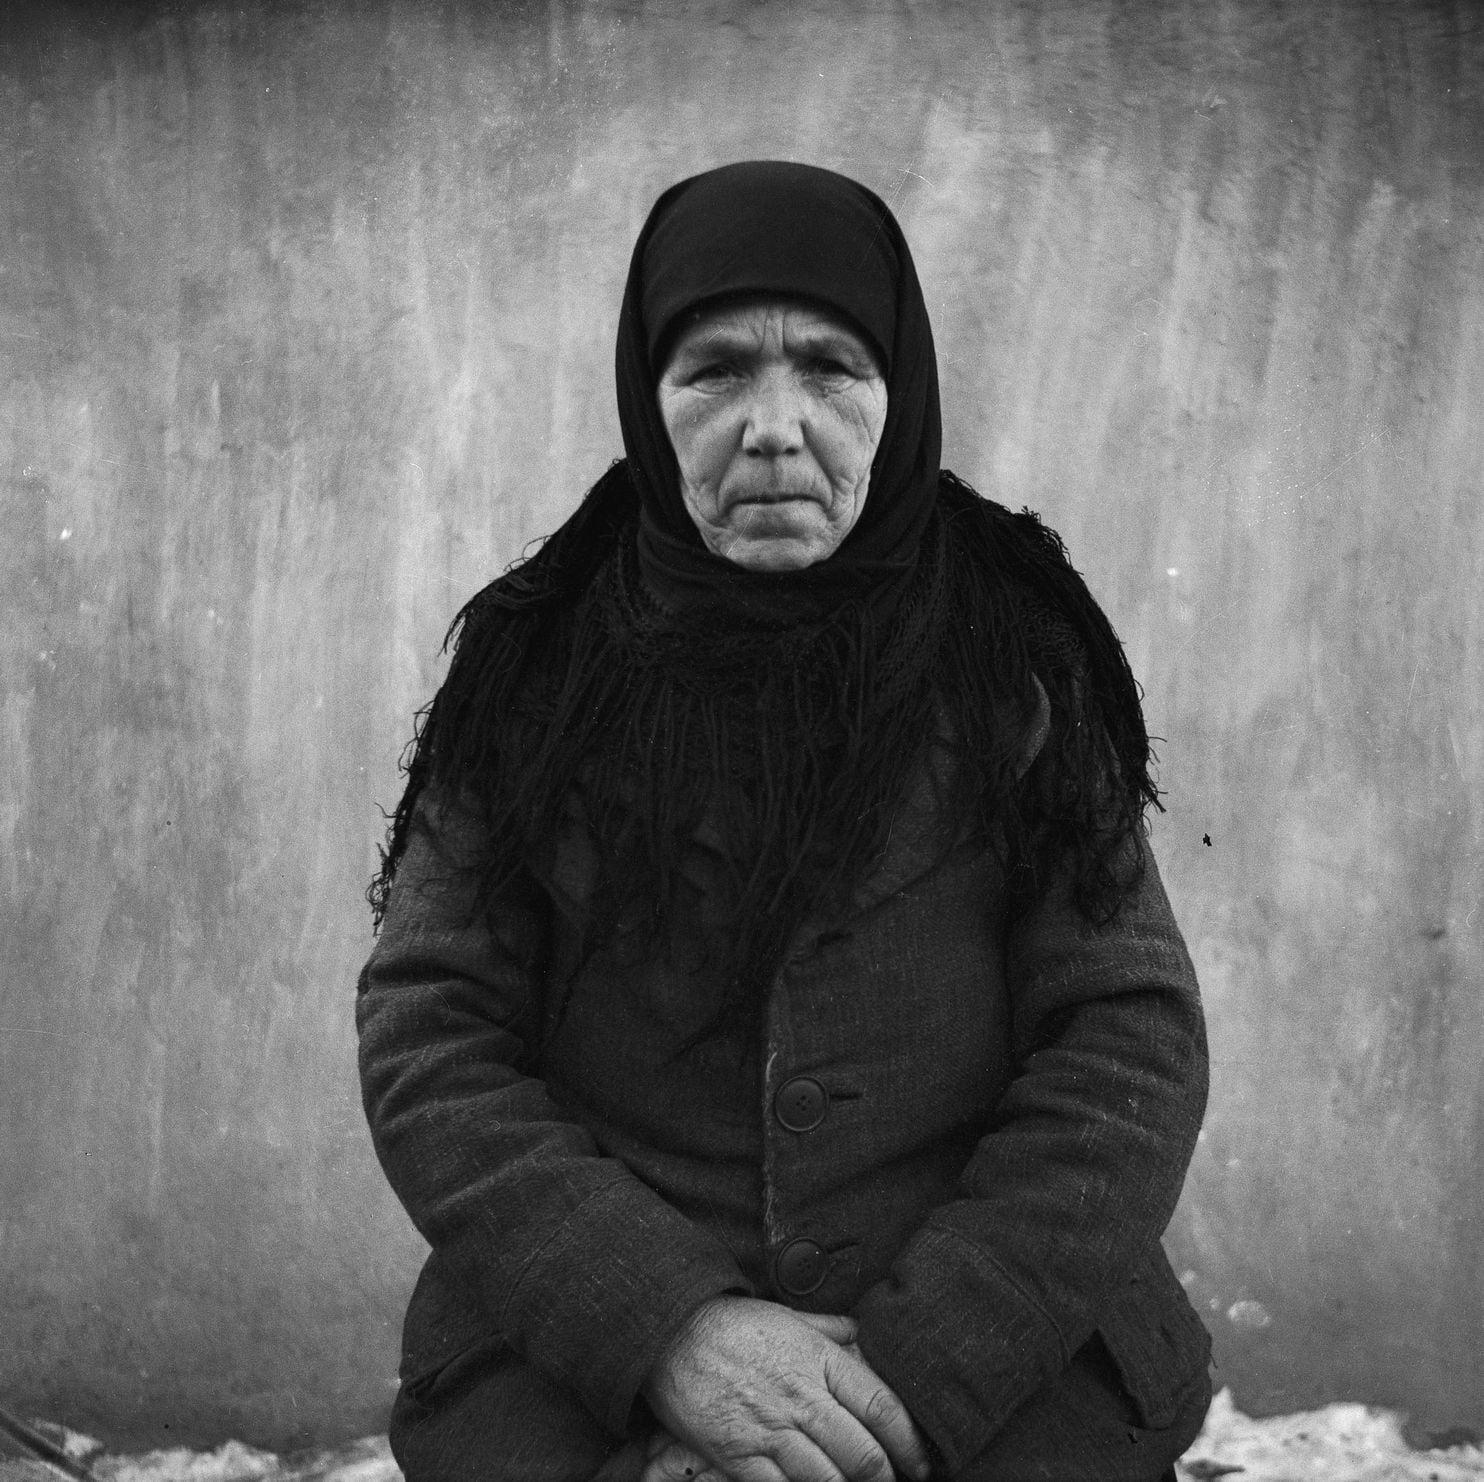 На заборавен таван, молдавски фотограф пронашол 4.000 фотографии од исчезнатиот селски живот